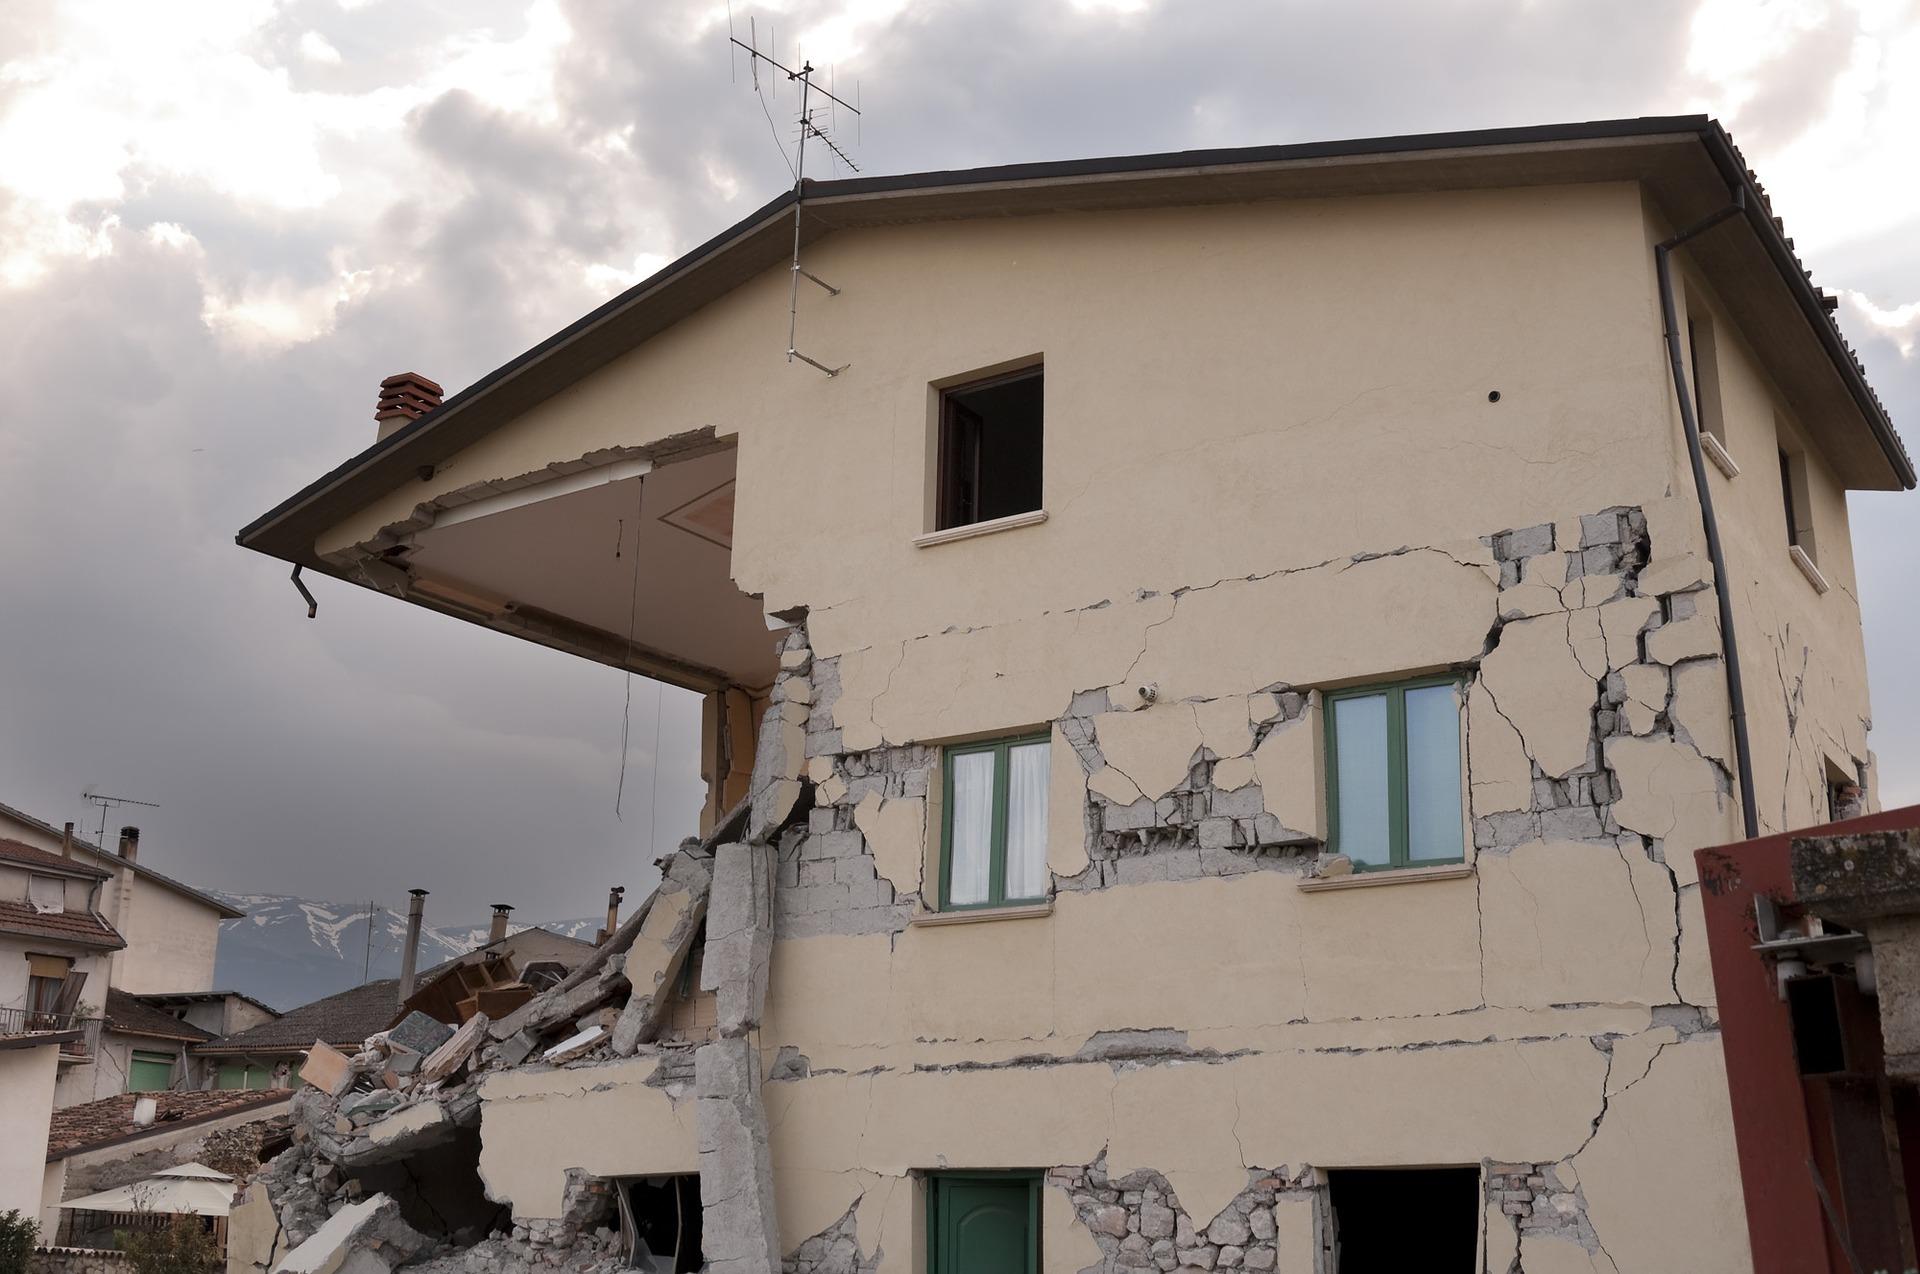 V potresno nevarnih stavbah v Sloveniji živi med 88 in 200 tisoč ljudi